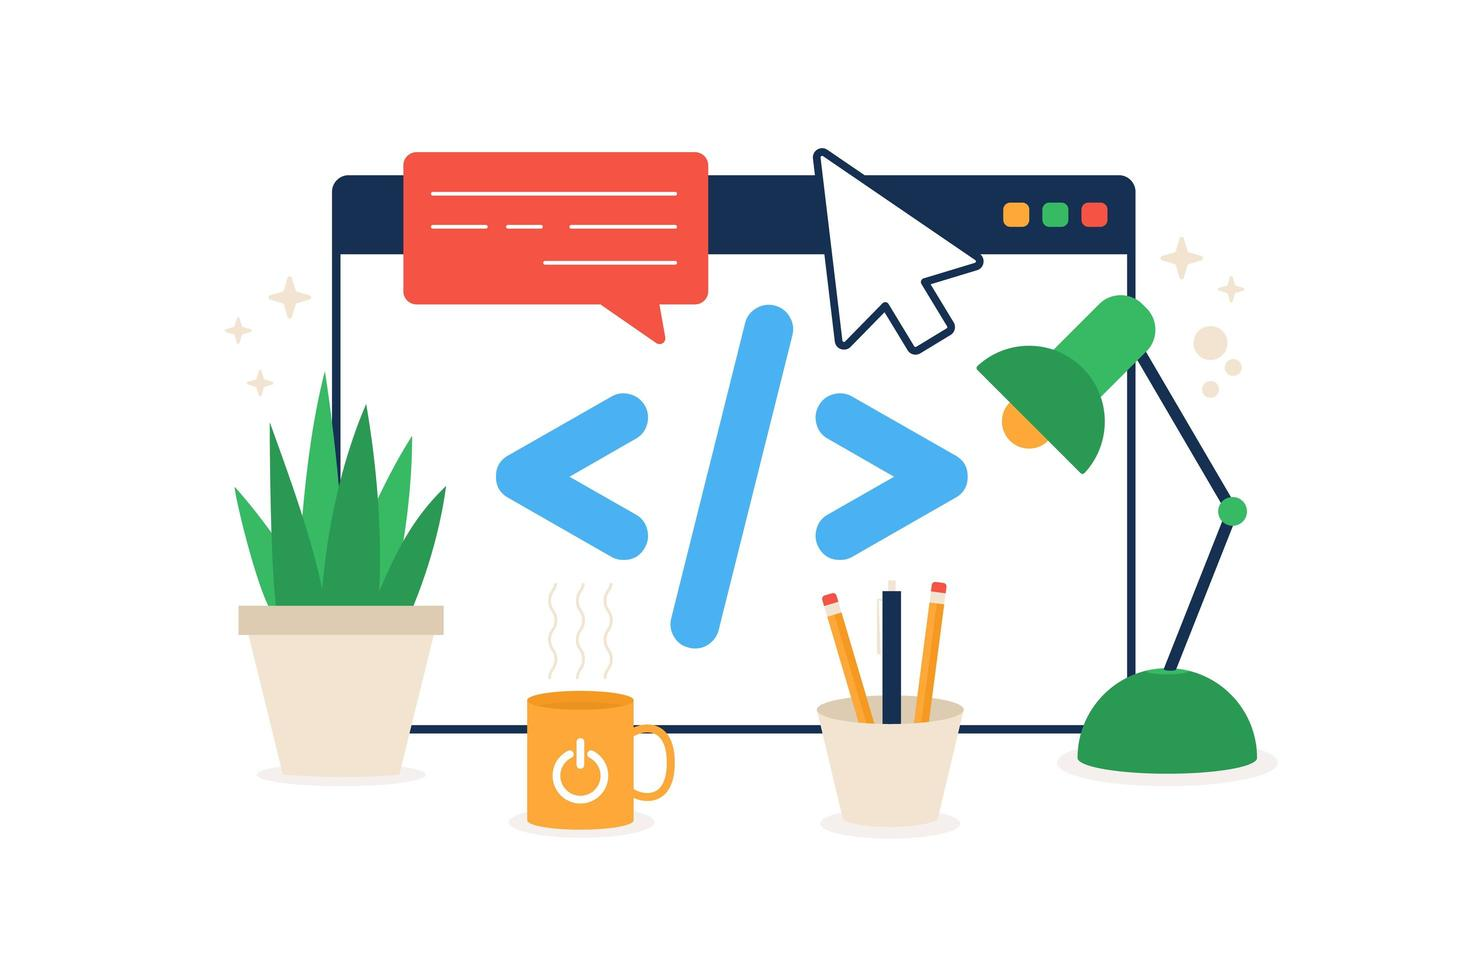 Code im Browsersymbol. Element des Cyber-Sicherheitssymbols für mobile Konzepte und Web-Apps. Der farbige Code im Browsersymbol kann für die flache Darstellung von Web- und mobilen Vektoren verwendet werden